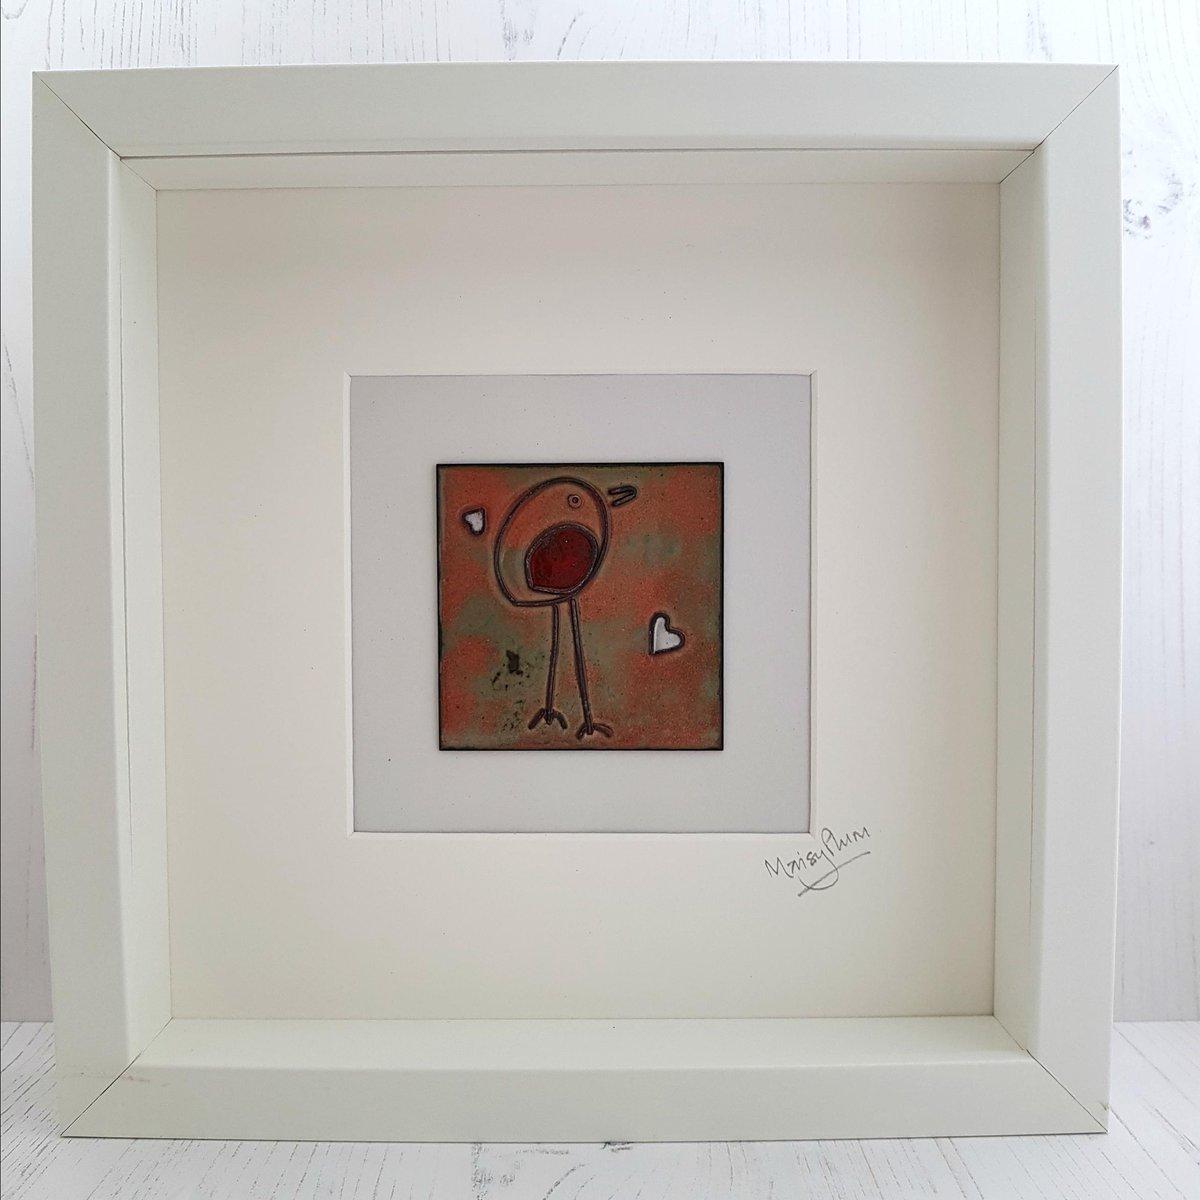 Enamel &#39;Little Robin&#39; Copper Tile Art  http:// tuppu.net/ff809b07  &nbsp;   #87RT #tweeturbiz #MixedMediaArt <br>http://pic.twitter.com/CCcOynwa8g